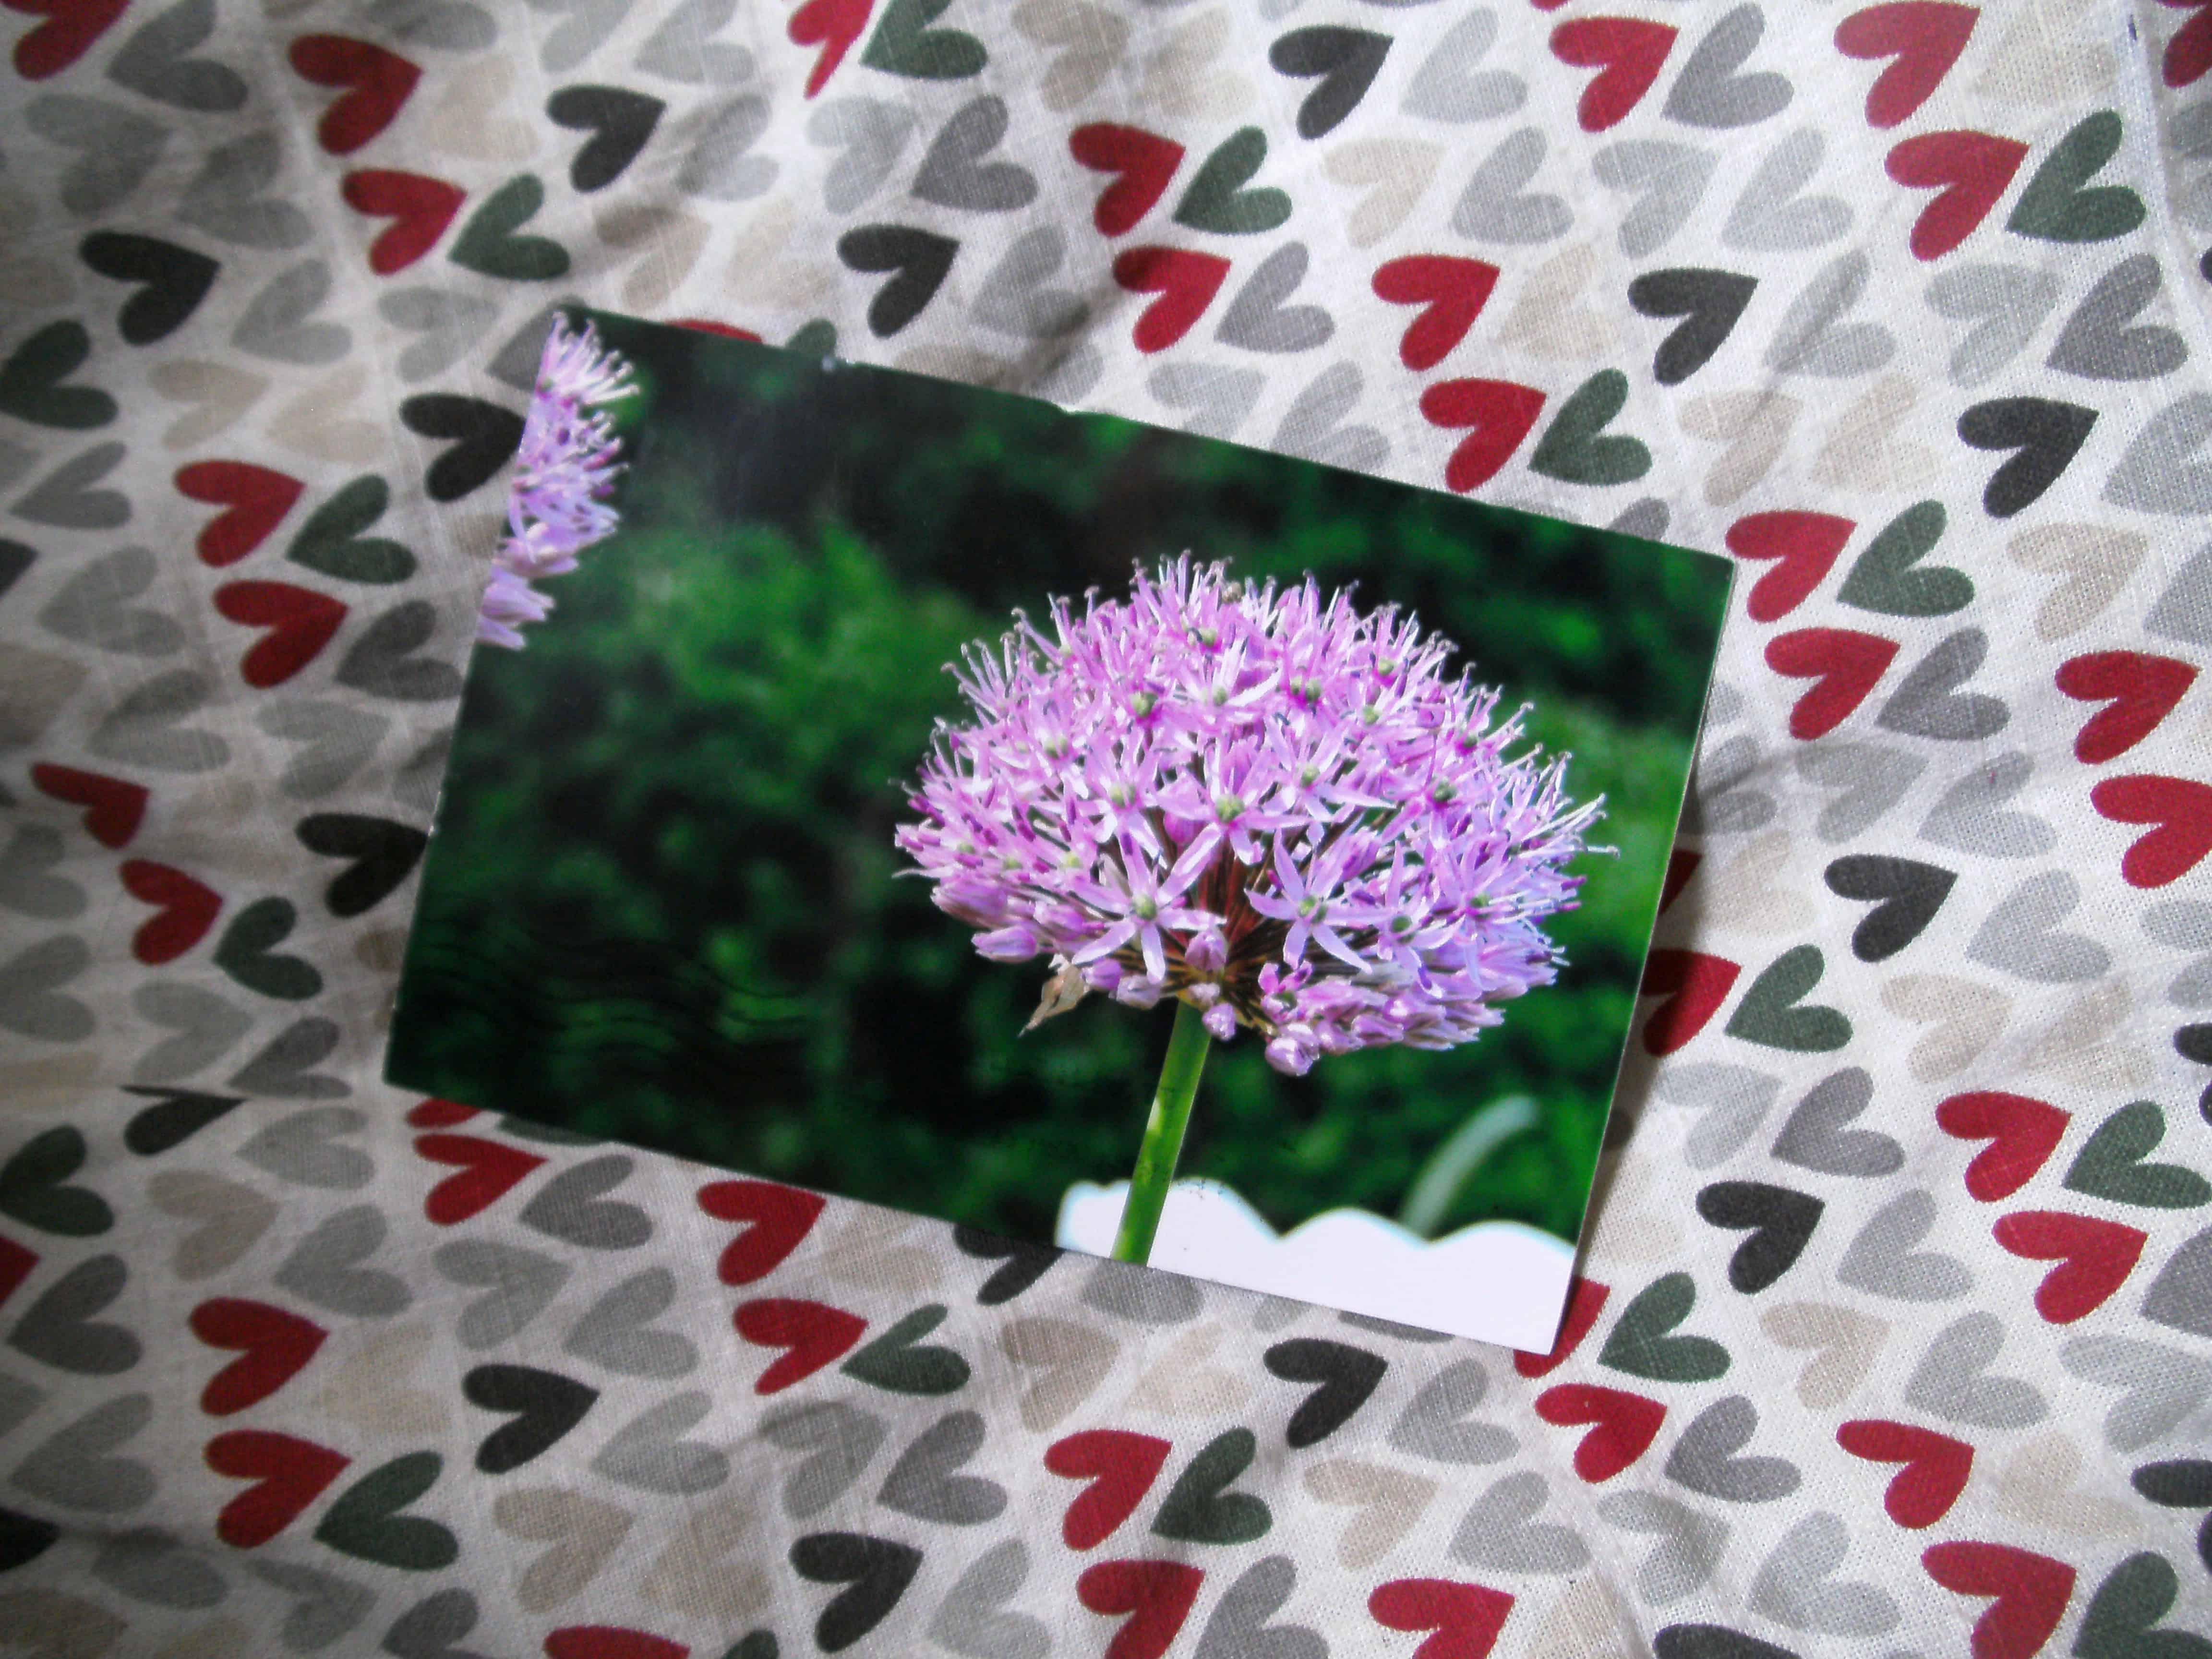 Foto of a flower by Lynne Foerster, USA